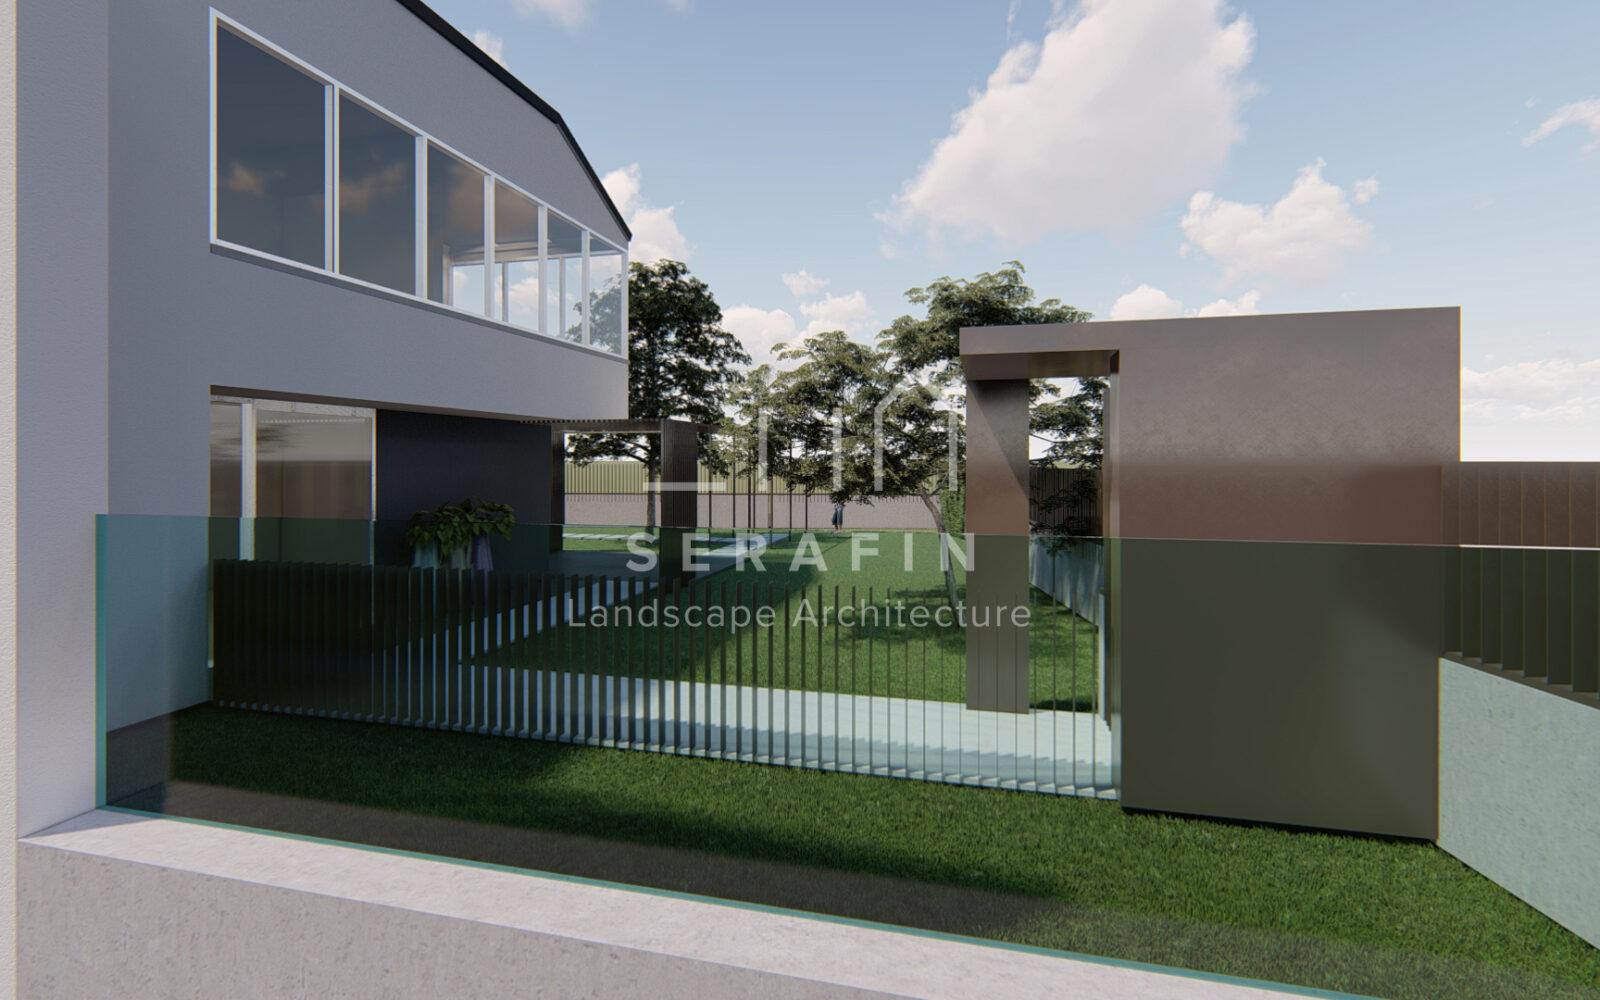 progettazione di un giardino privato a Sacile - 1